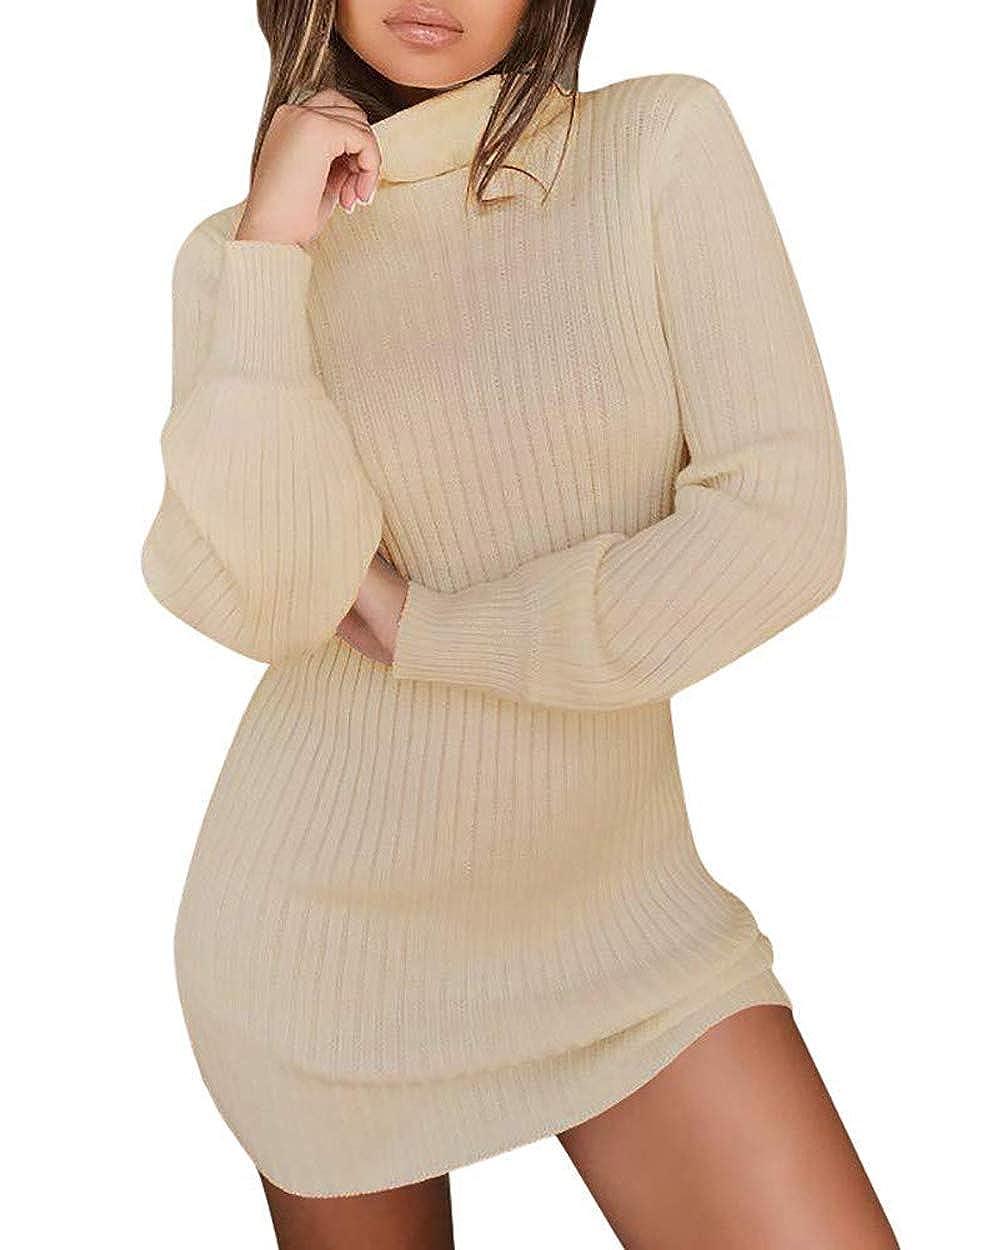 ASKSA Damen Pullover Kleid Casual Hoher Kragen Elastisch Langarm Winterkleid Einfarbig Rollkragen Jumper Minikleid Strickkleid